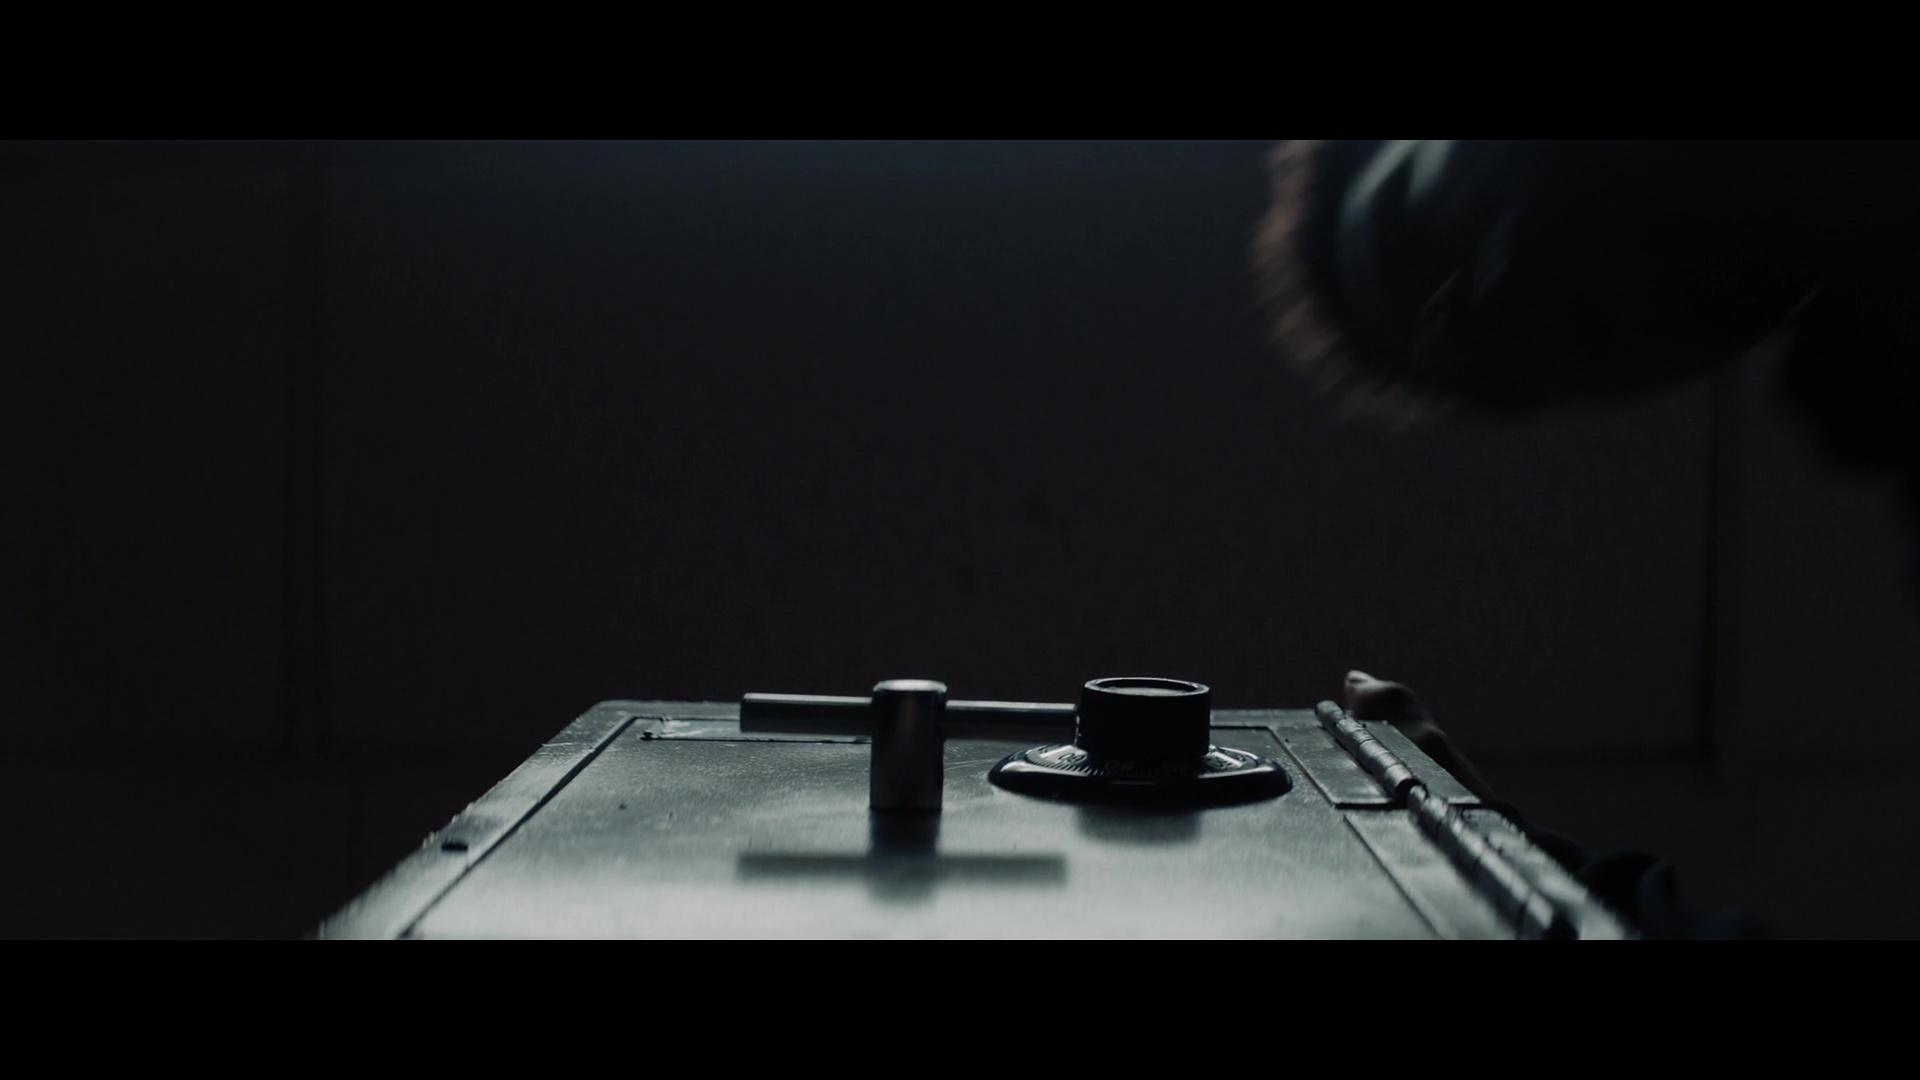 Juego De Magos 1080p Lat-Cast-Ing 5.1 (2016)